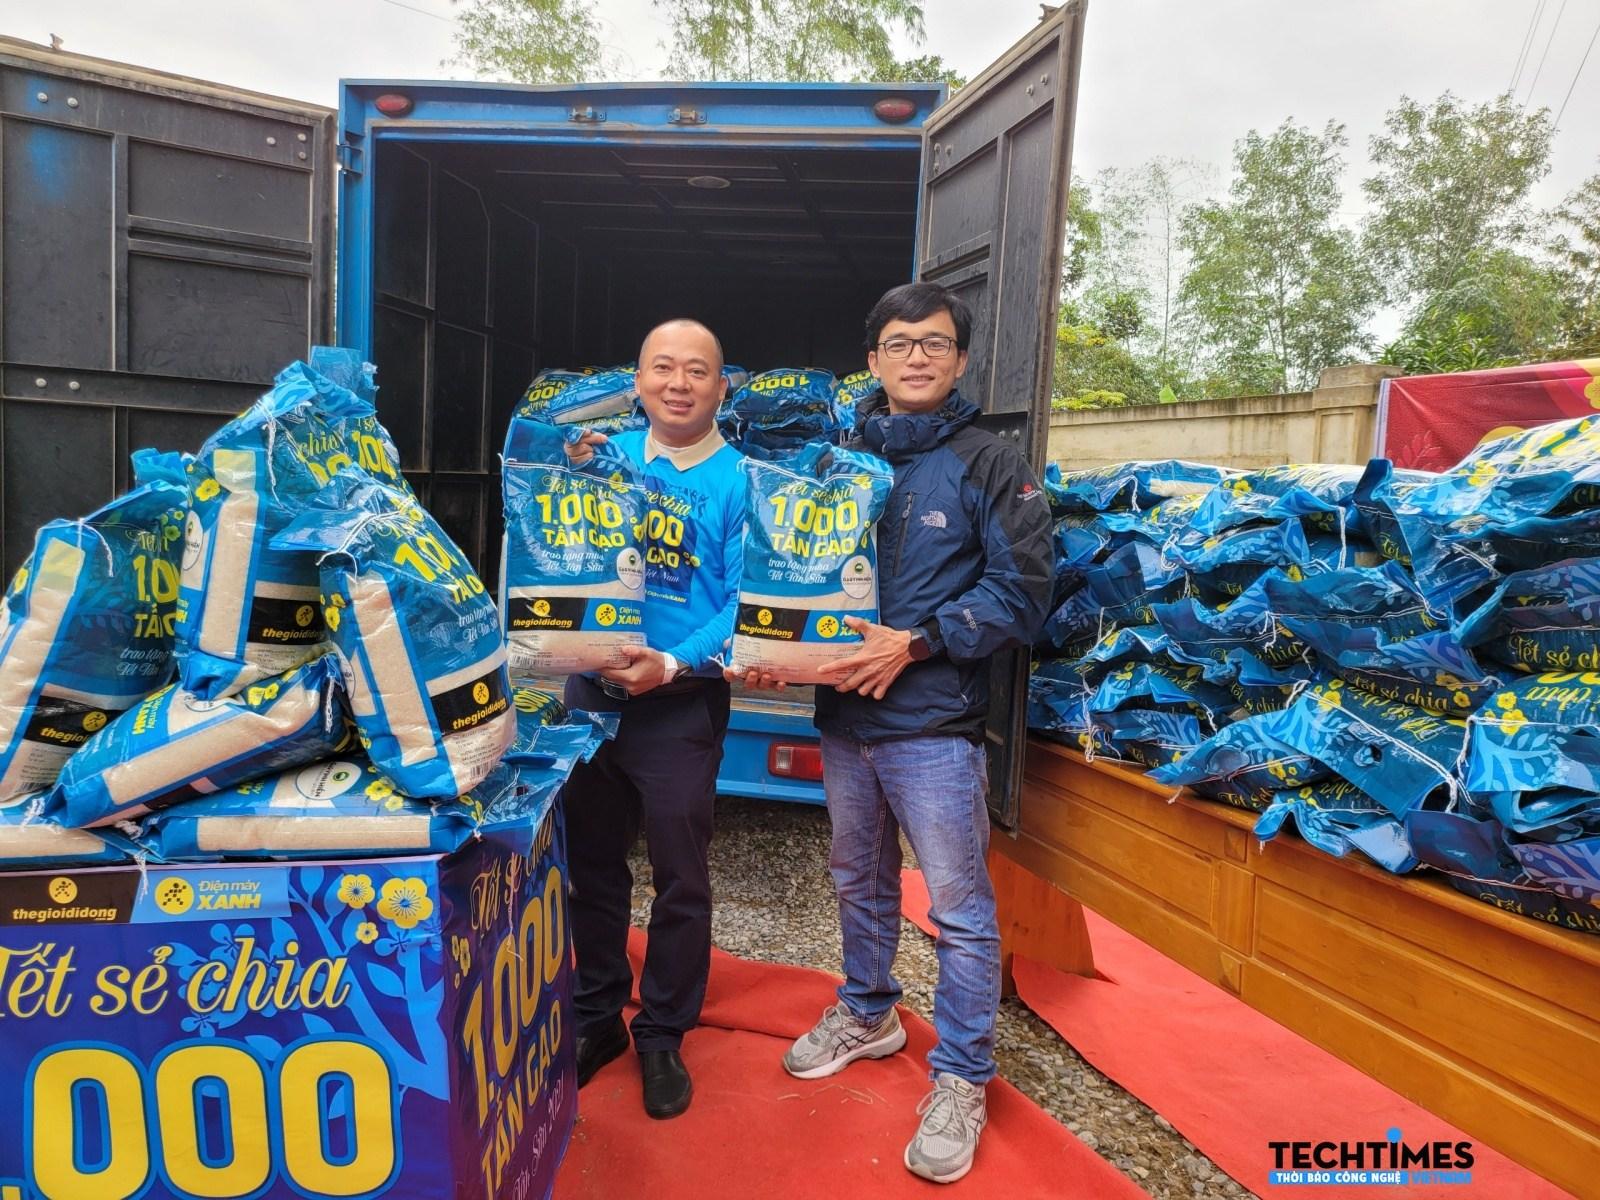 Tết sẻ chia: Thế Giới Di Động trao tặng 1.000 tấn gạo